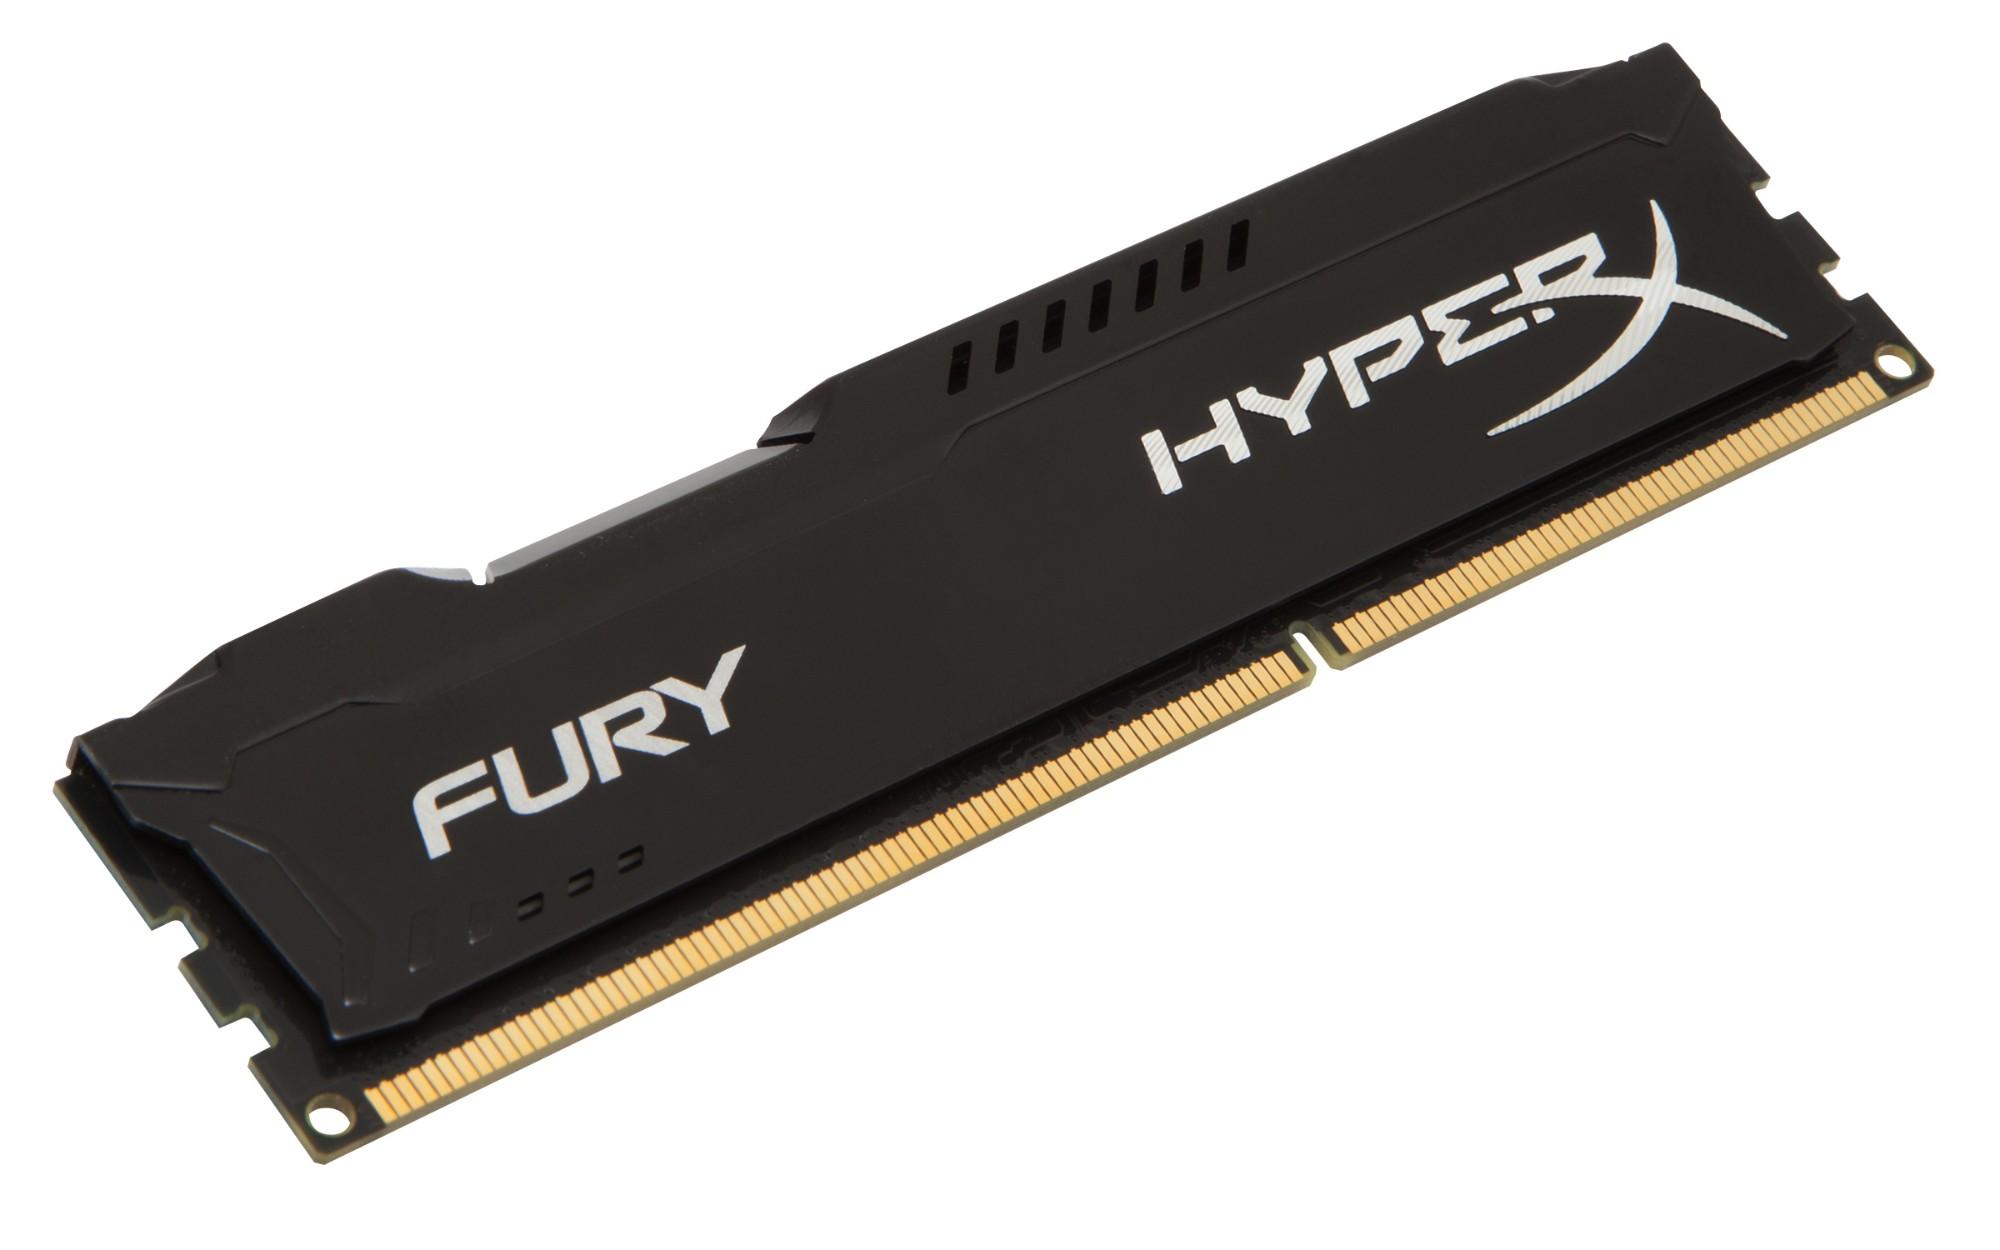 HyperX FURY Black 4GB 1600MHz DDR3 memory module